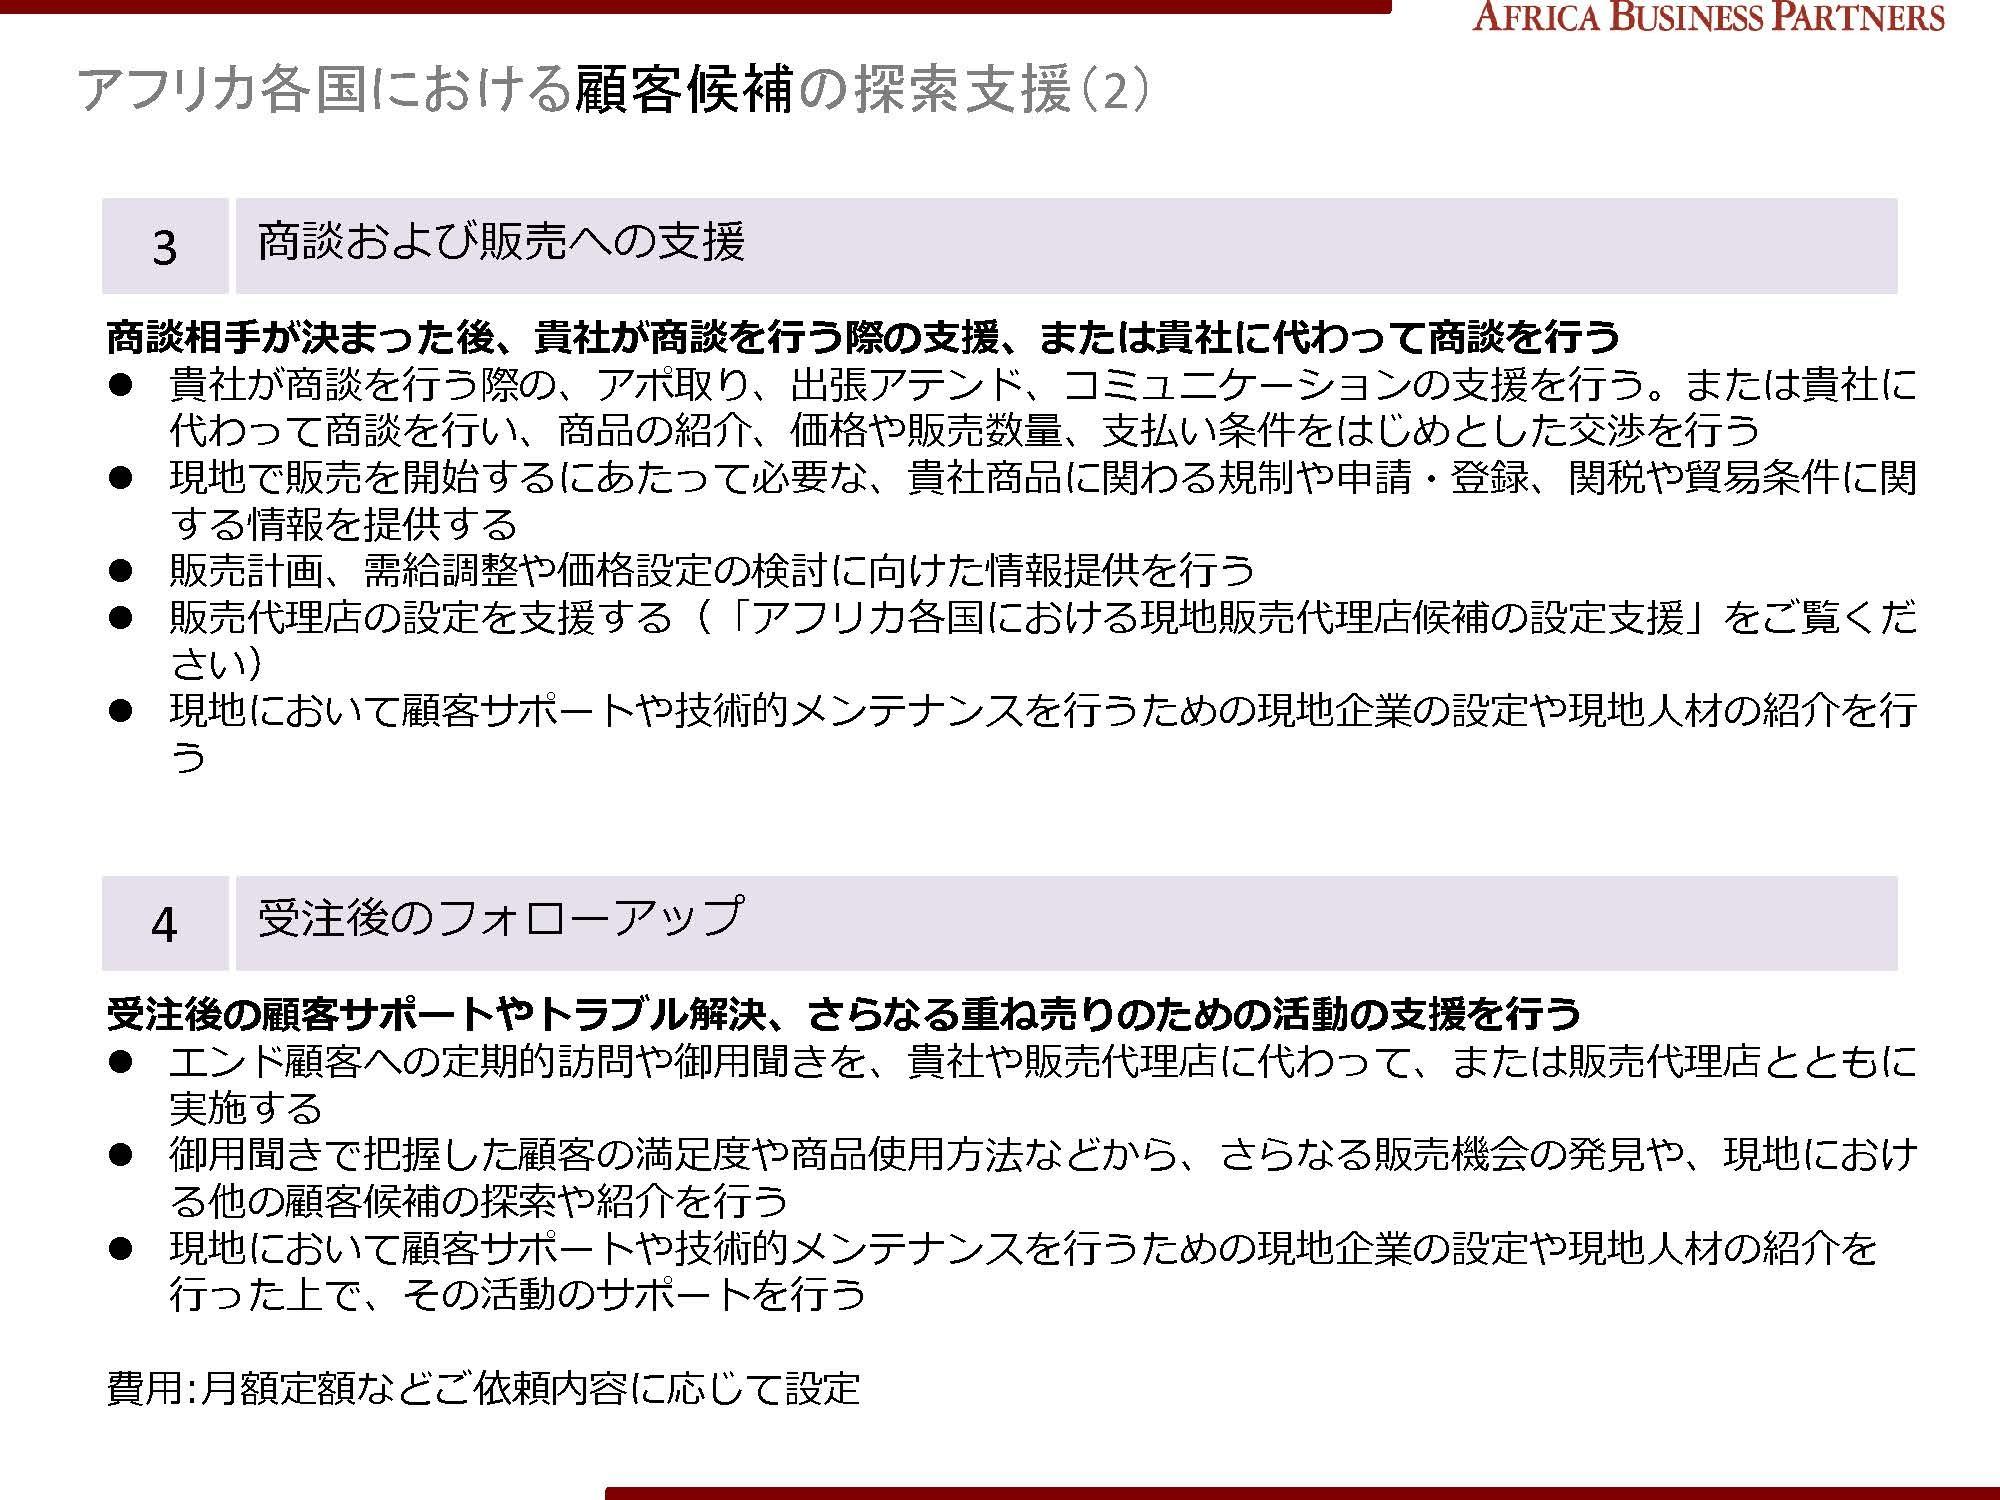 https://abp.co.jp/news/uploads/20200520000156.jpg